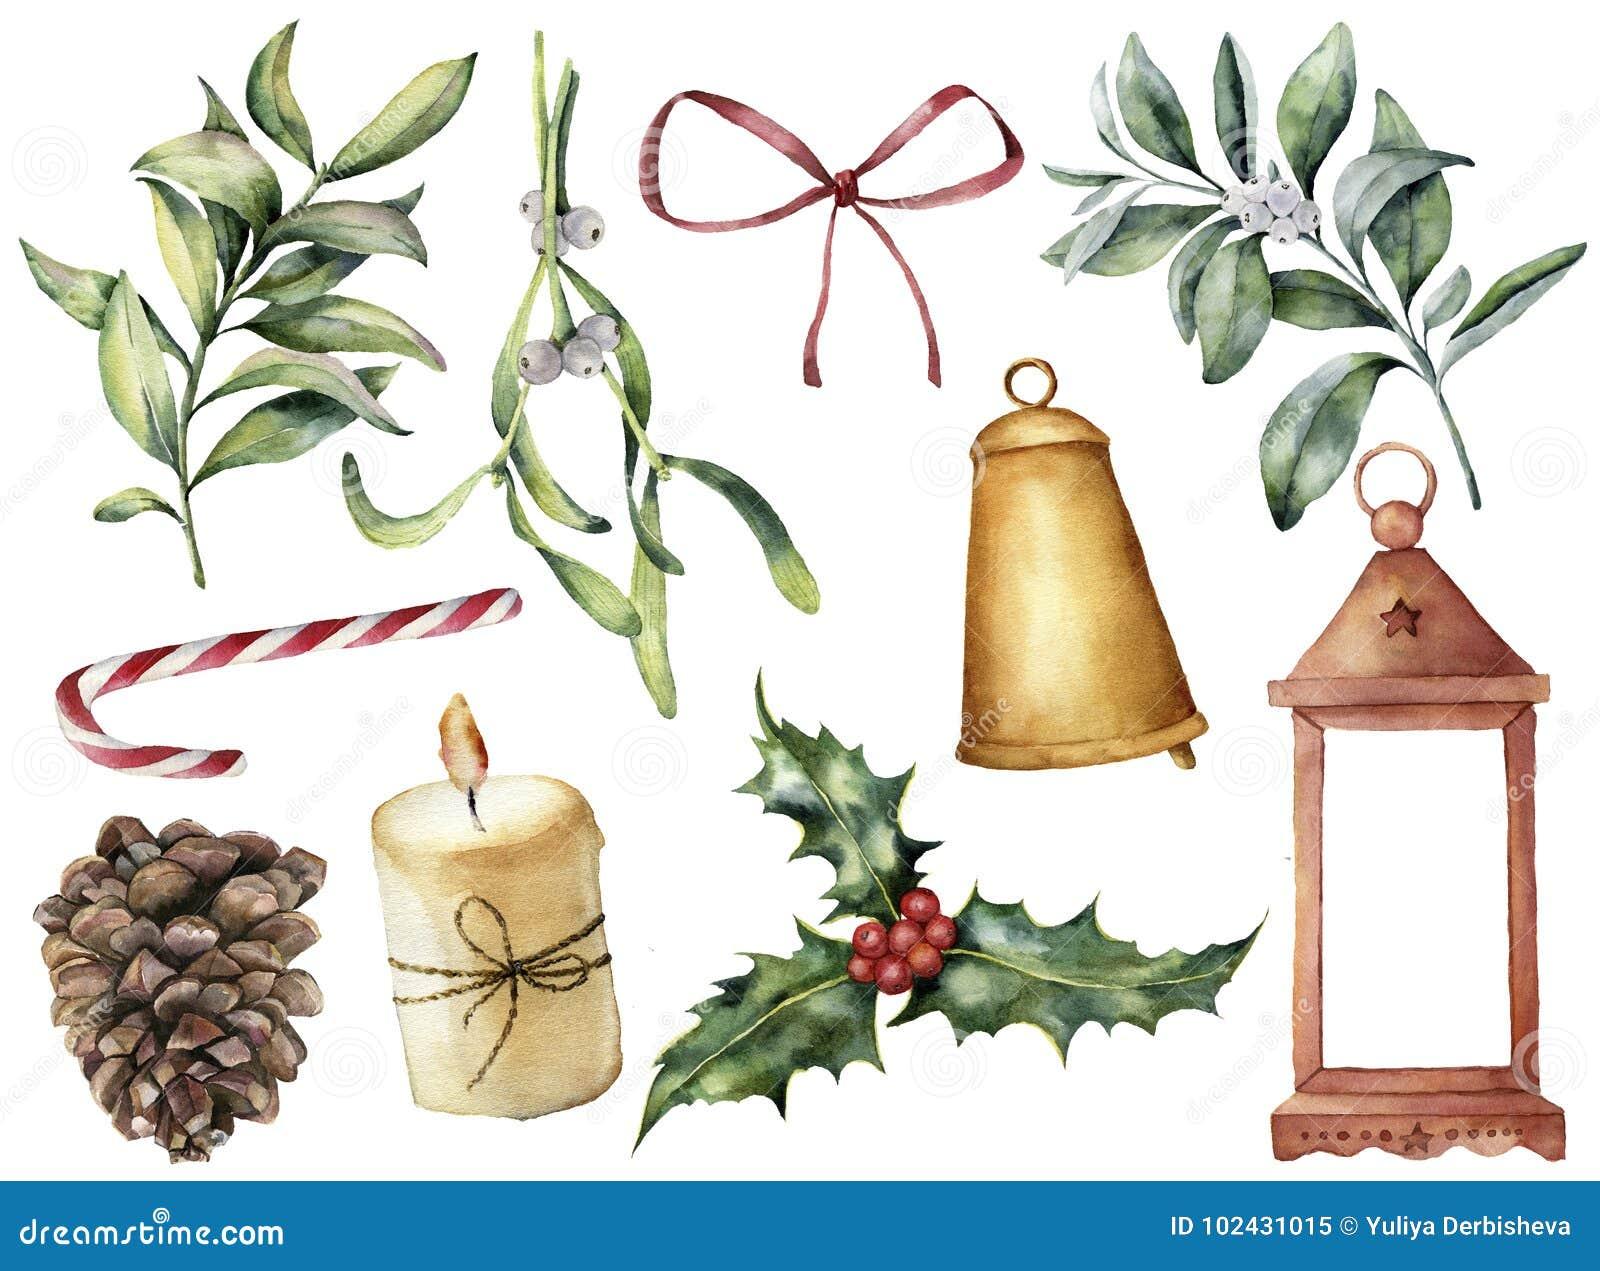 Aquarell-Weihnachtsdekor mit Anlage und Beeren Handgemalter Eukalyptus, Snowberry, Glocke, roter Bogen, Kerze, Mistelzweig